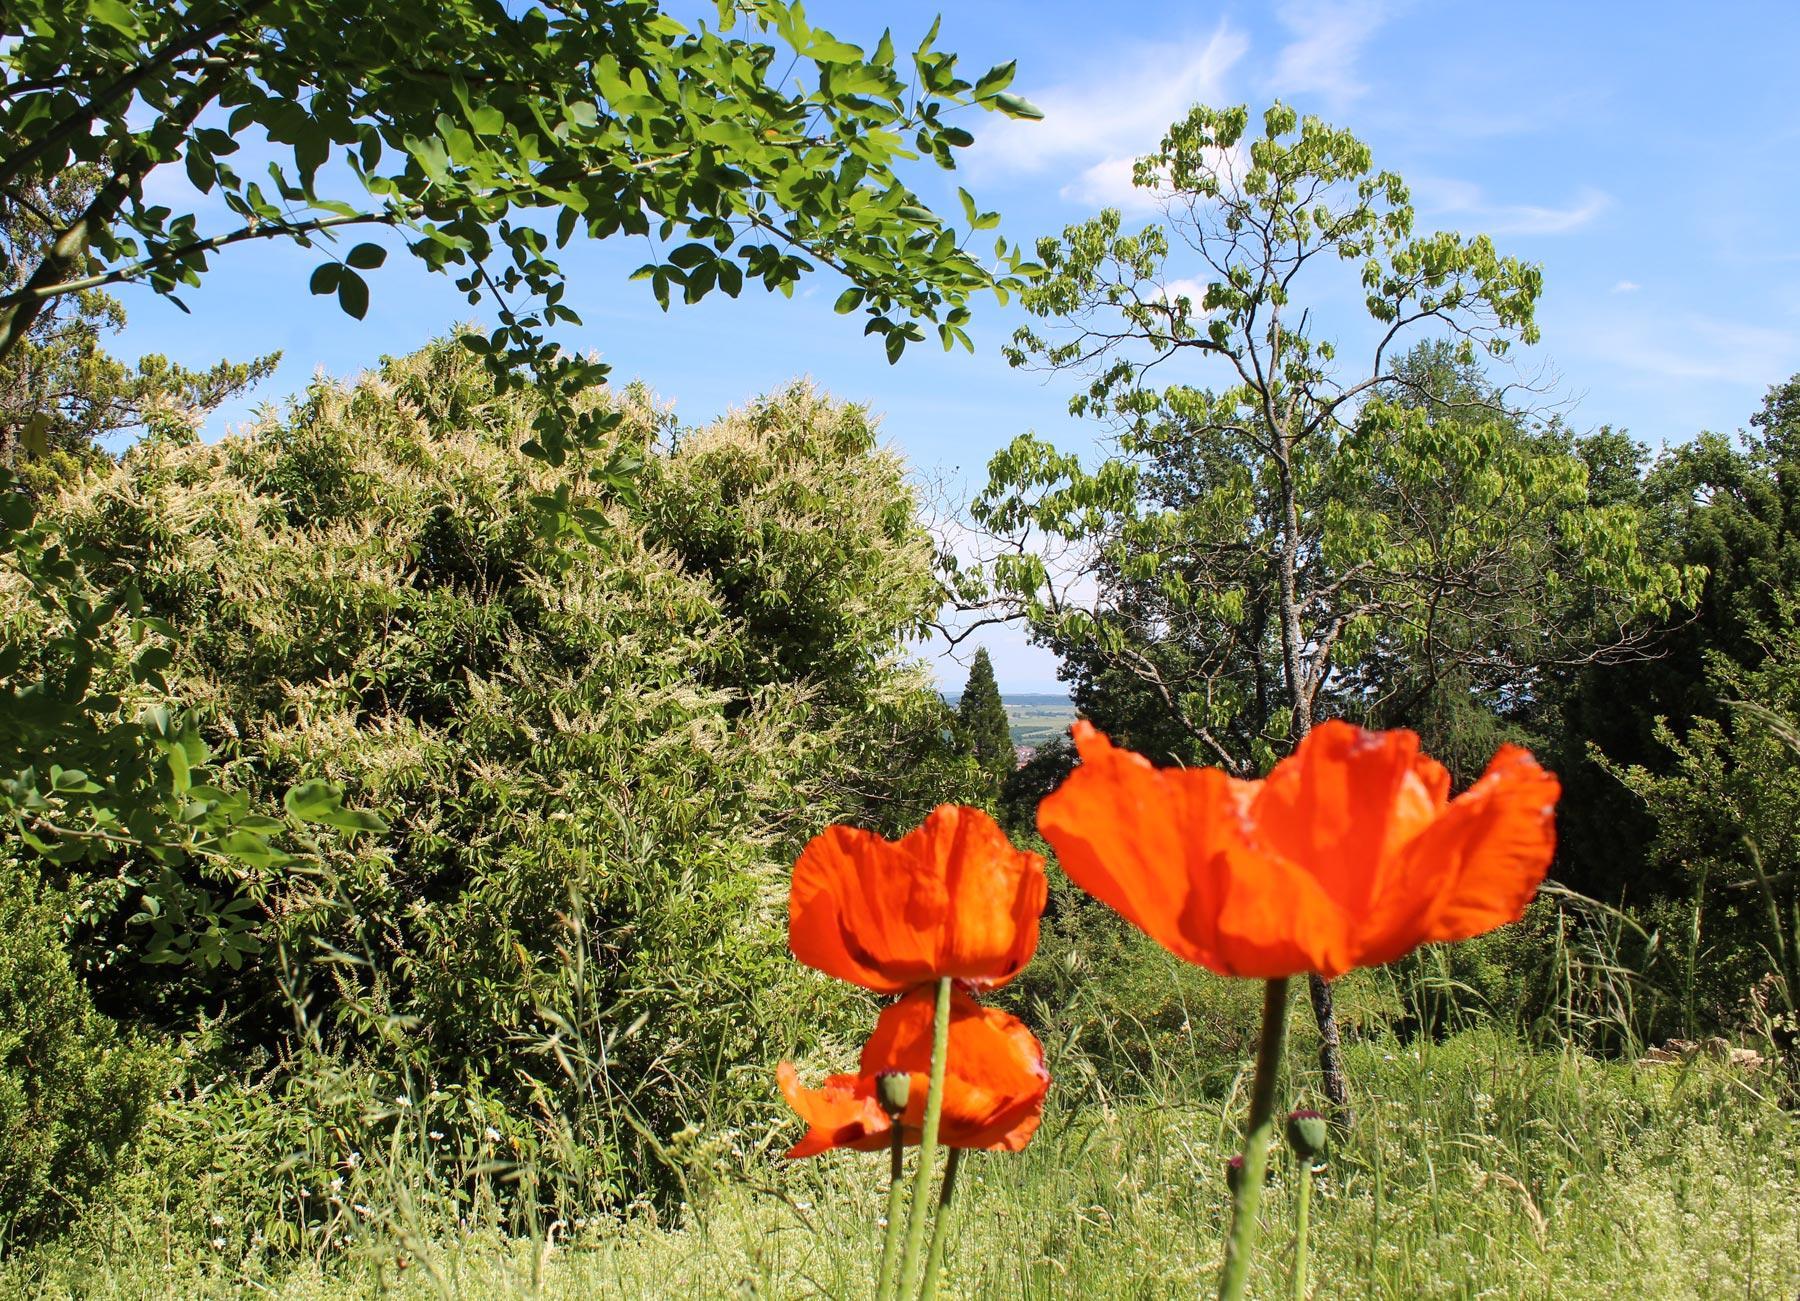 Visite guid e jardin botanique neuwiller l s saverne for Amis du jardin botanique